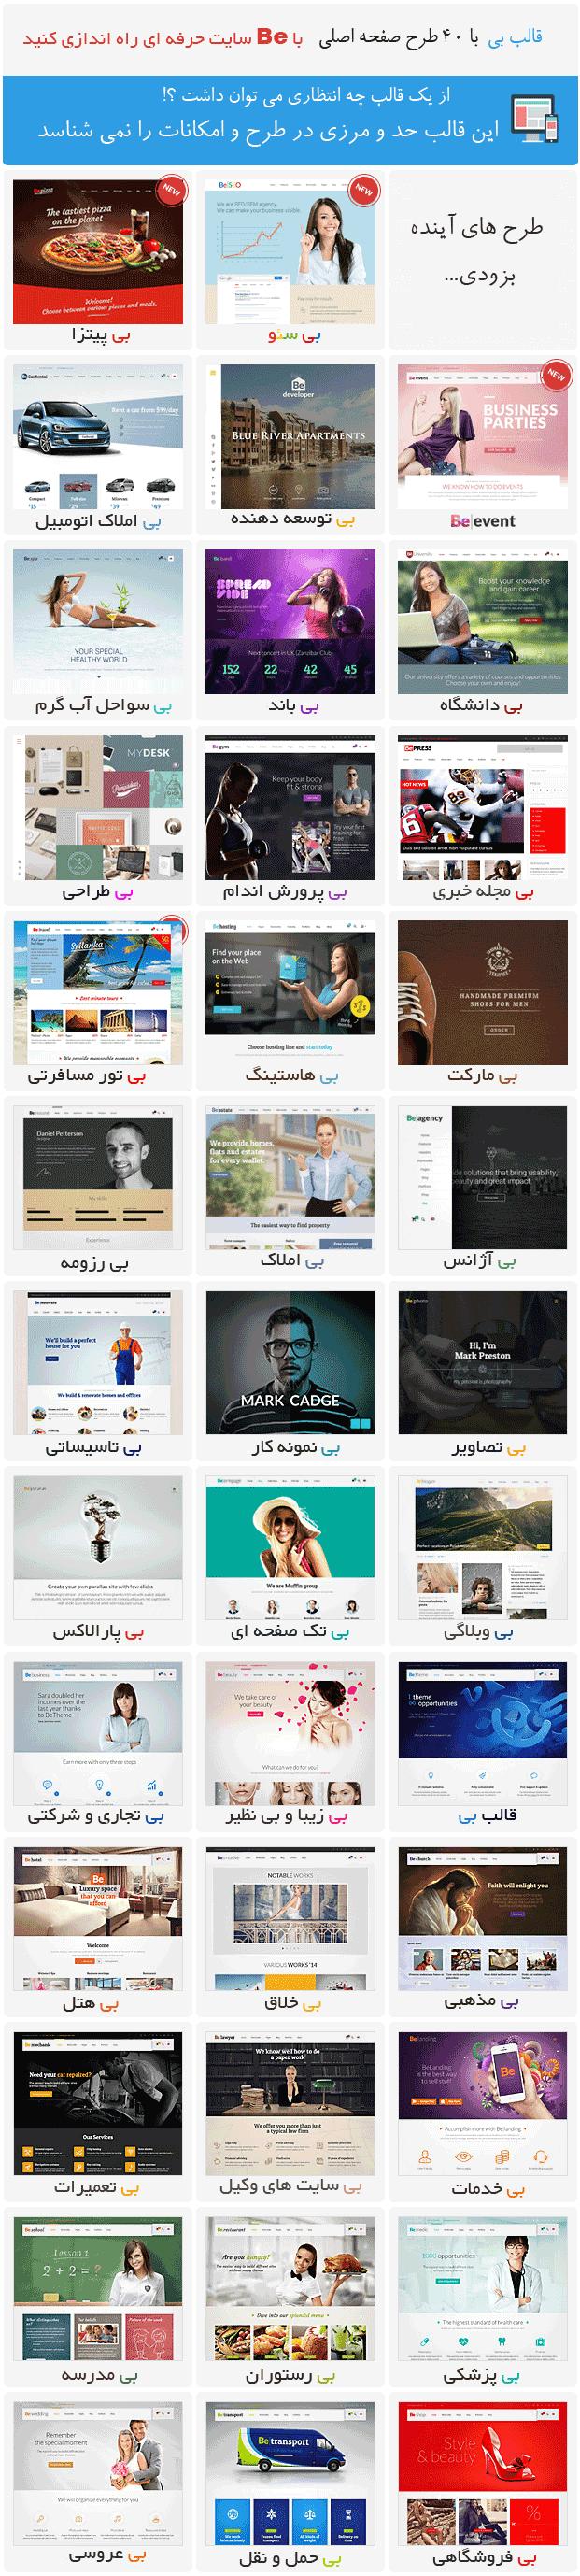 BeTheme - Premium WordPress Theme